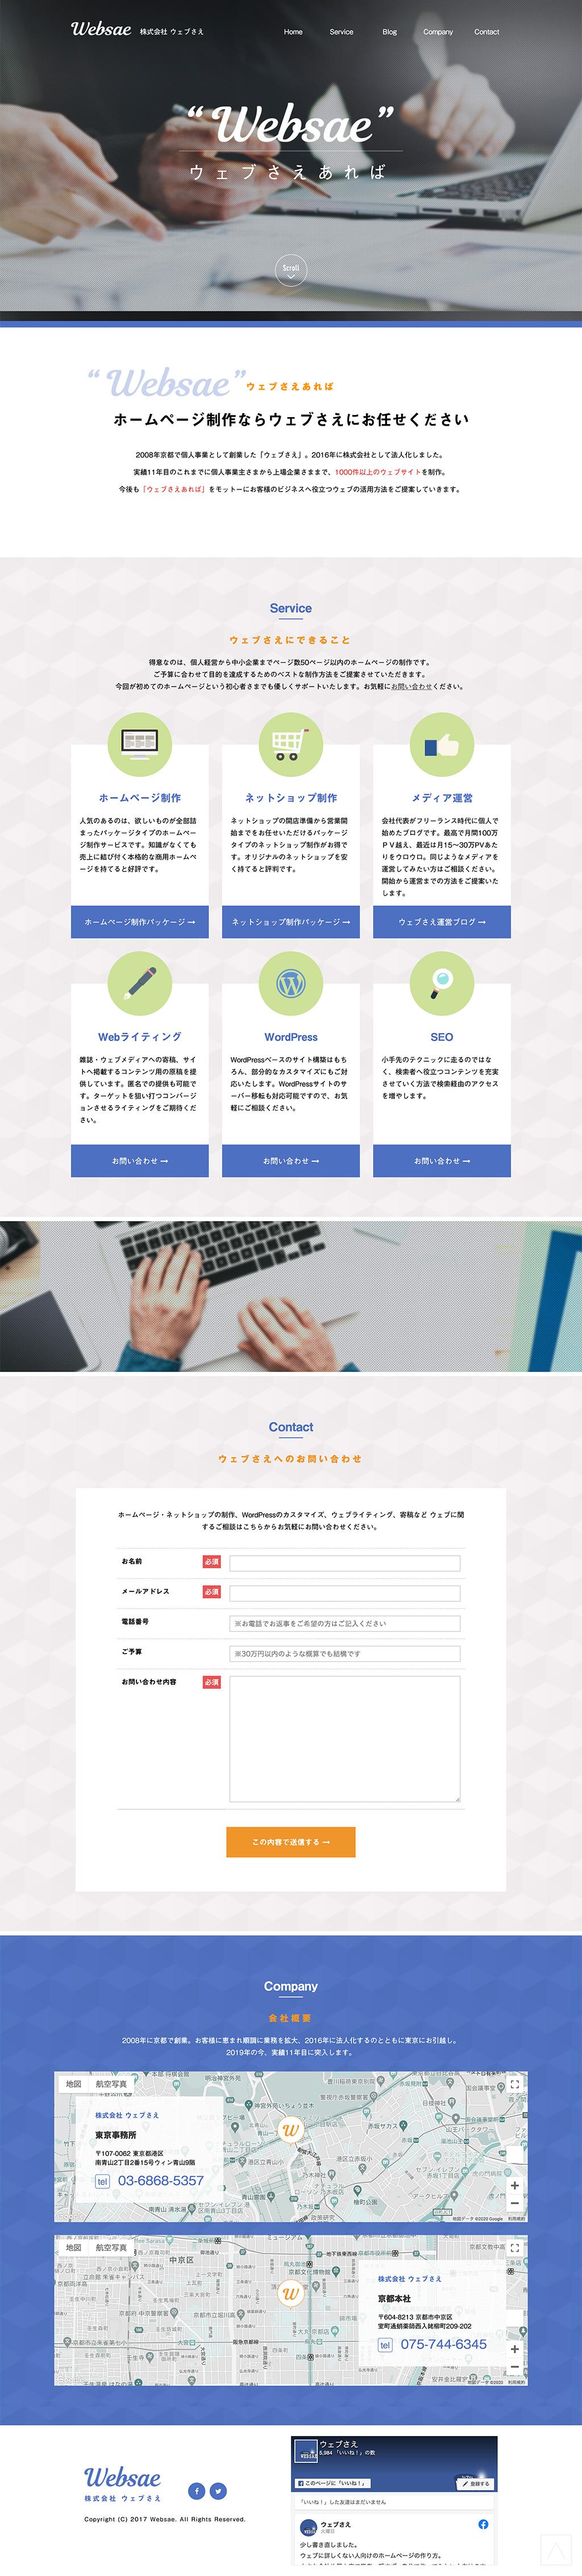 websaeコーポレートサイトホーム